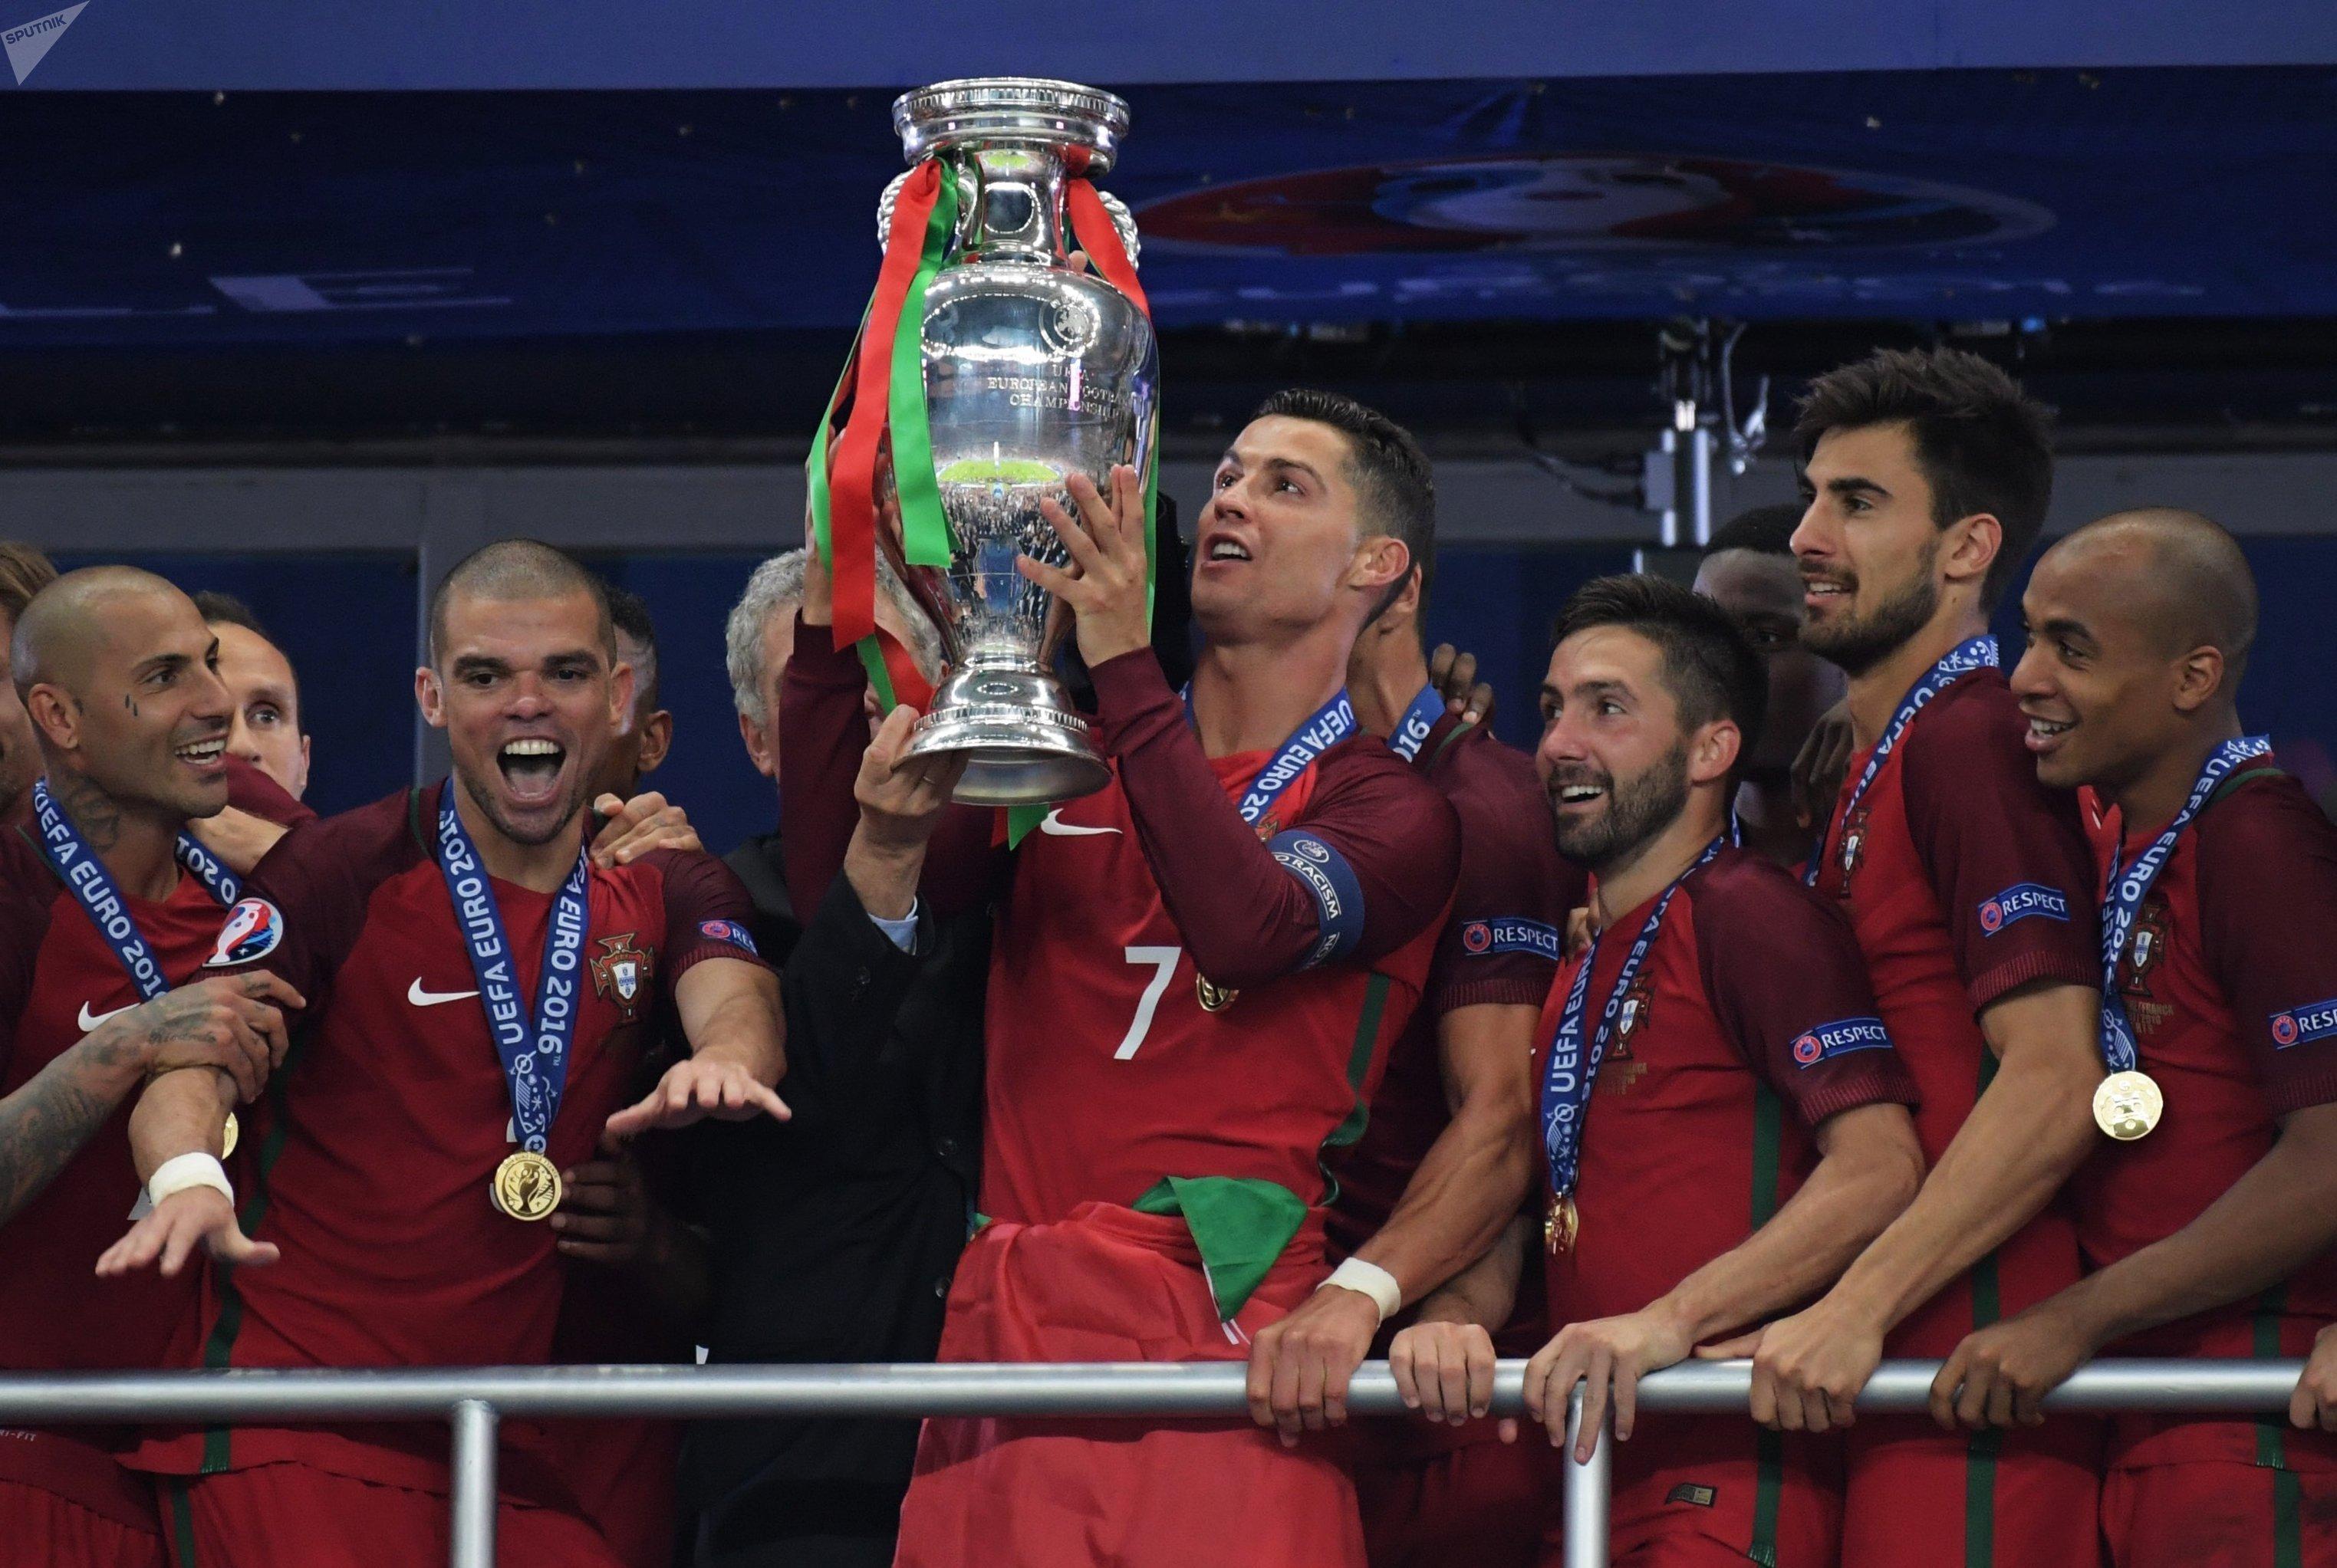 Криштиану Роналду и сборная Португалии по футболу впервые в своей истории выиграли чемпионат Европы, обыграв в финале сборную Франции